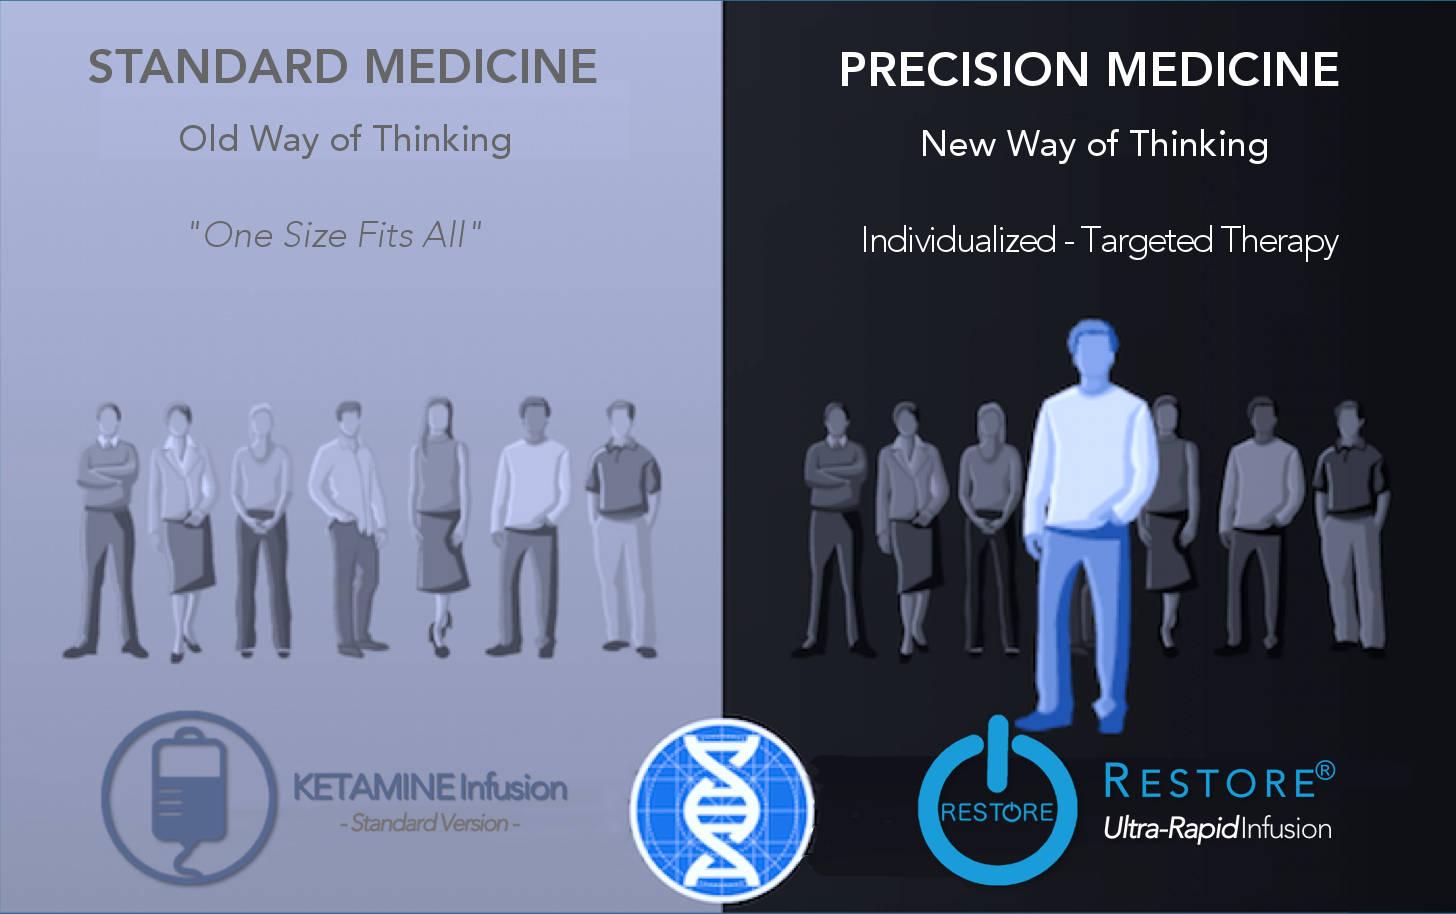 Precision Medicine and Personalized Care